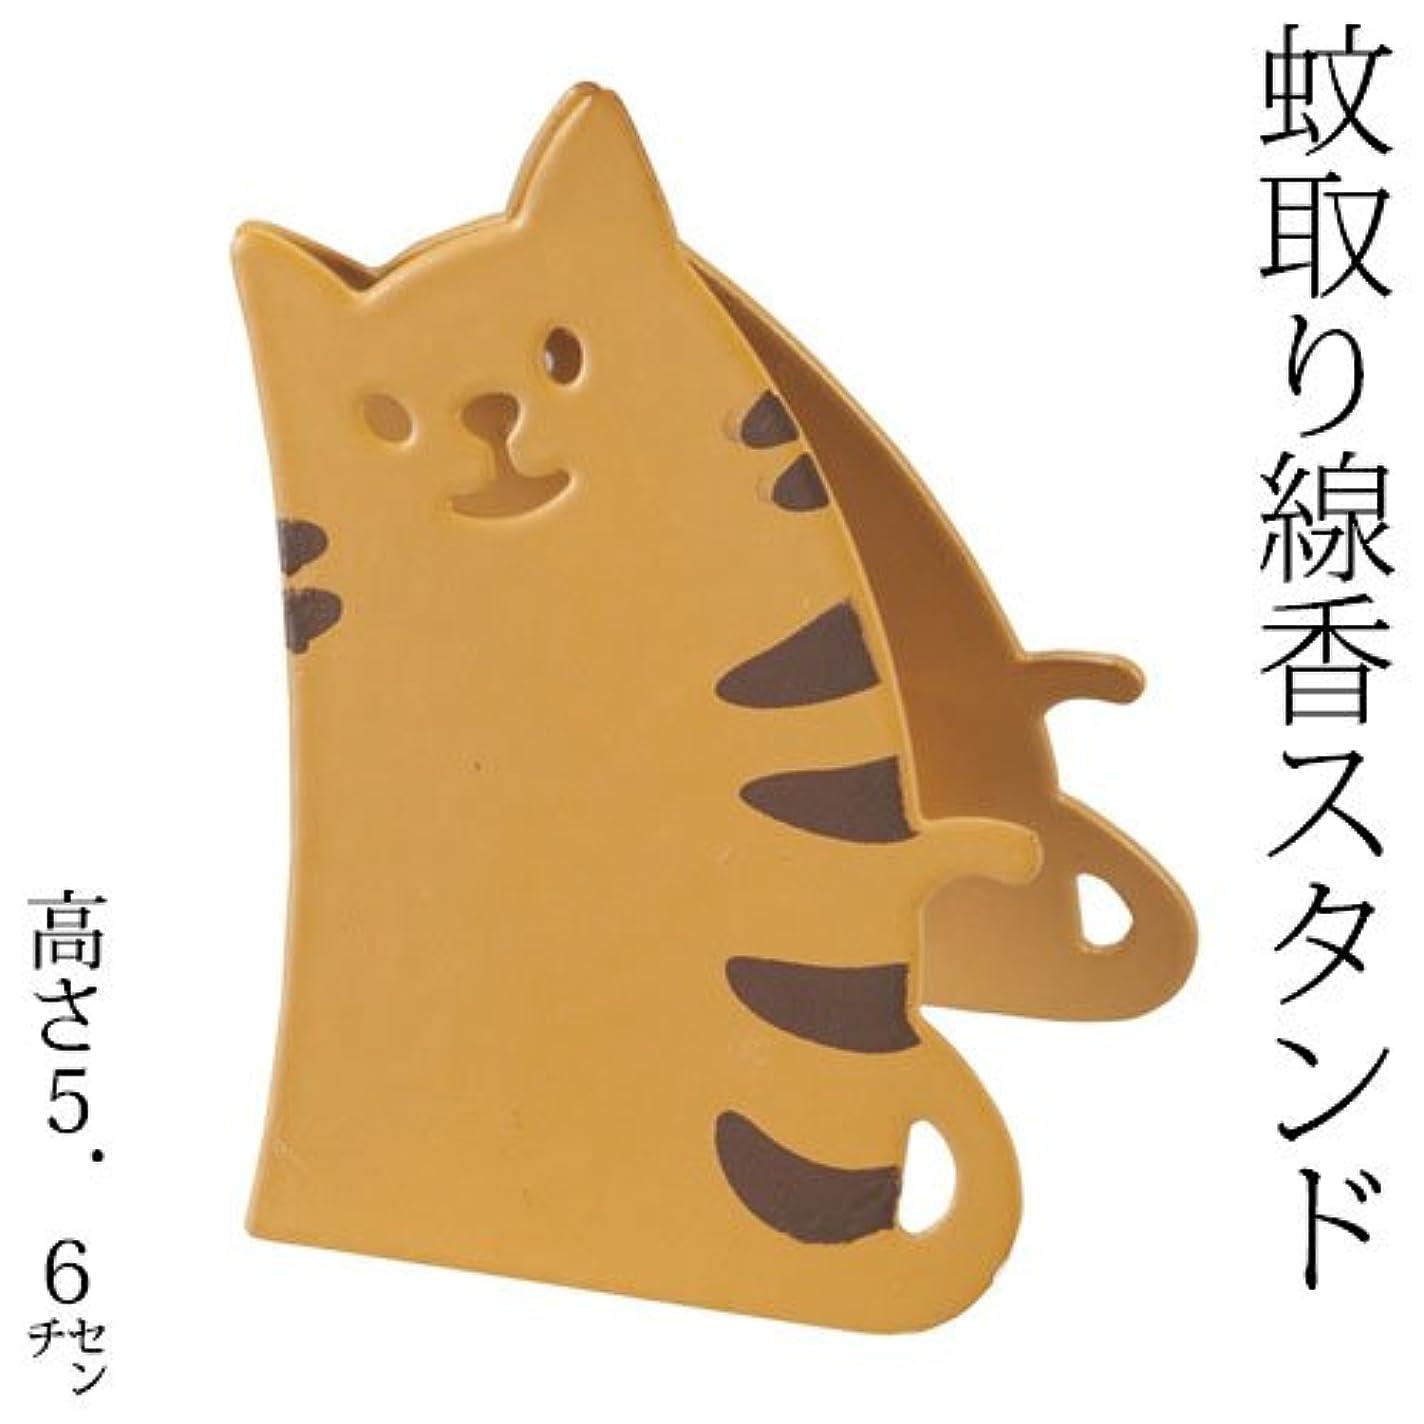 砂外向きしゃがむDECOLE蚊取り線香クリップスタンドトラ猫 (SK-13936)Mosquito coil clip stand